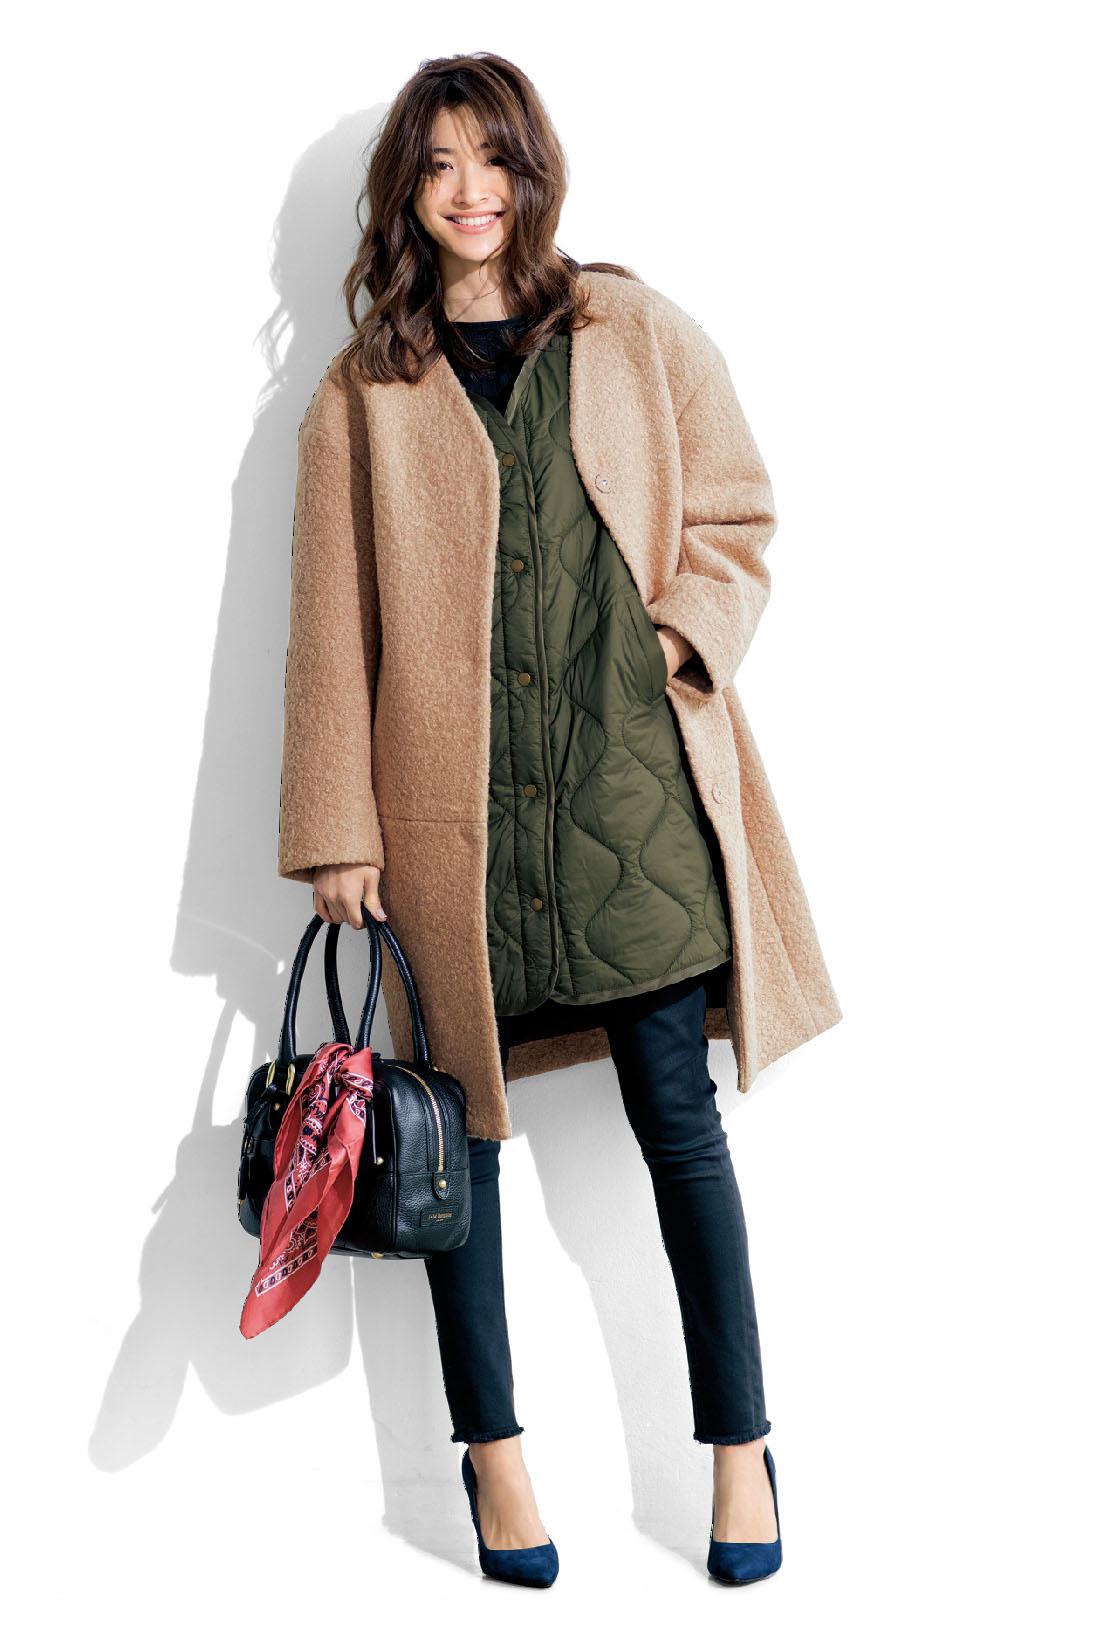 Winter 防寒性が気になるおしゃれコートのライナーとして活躍。重ね着のポイントになる色やステッチなど、見えてもかわいいデザインが◎。